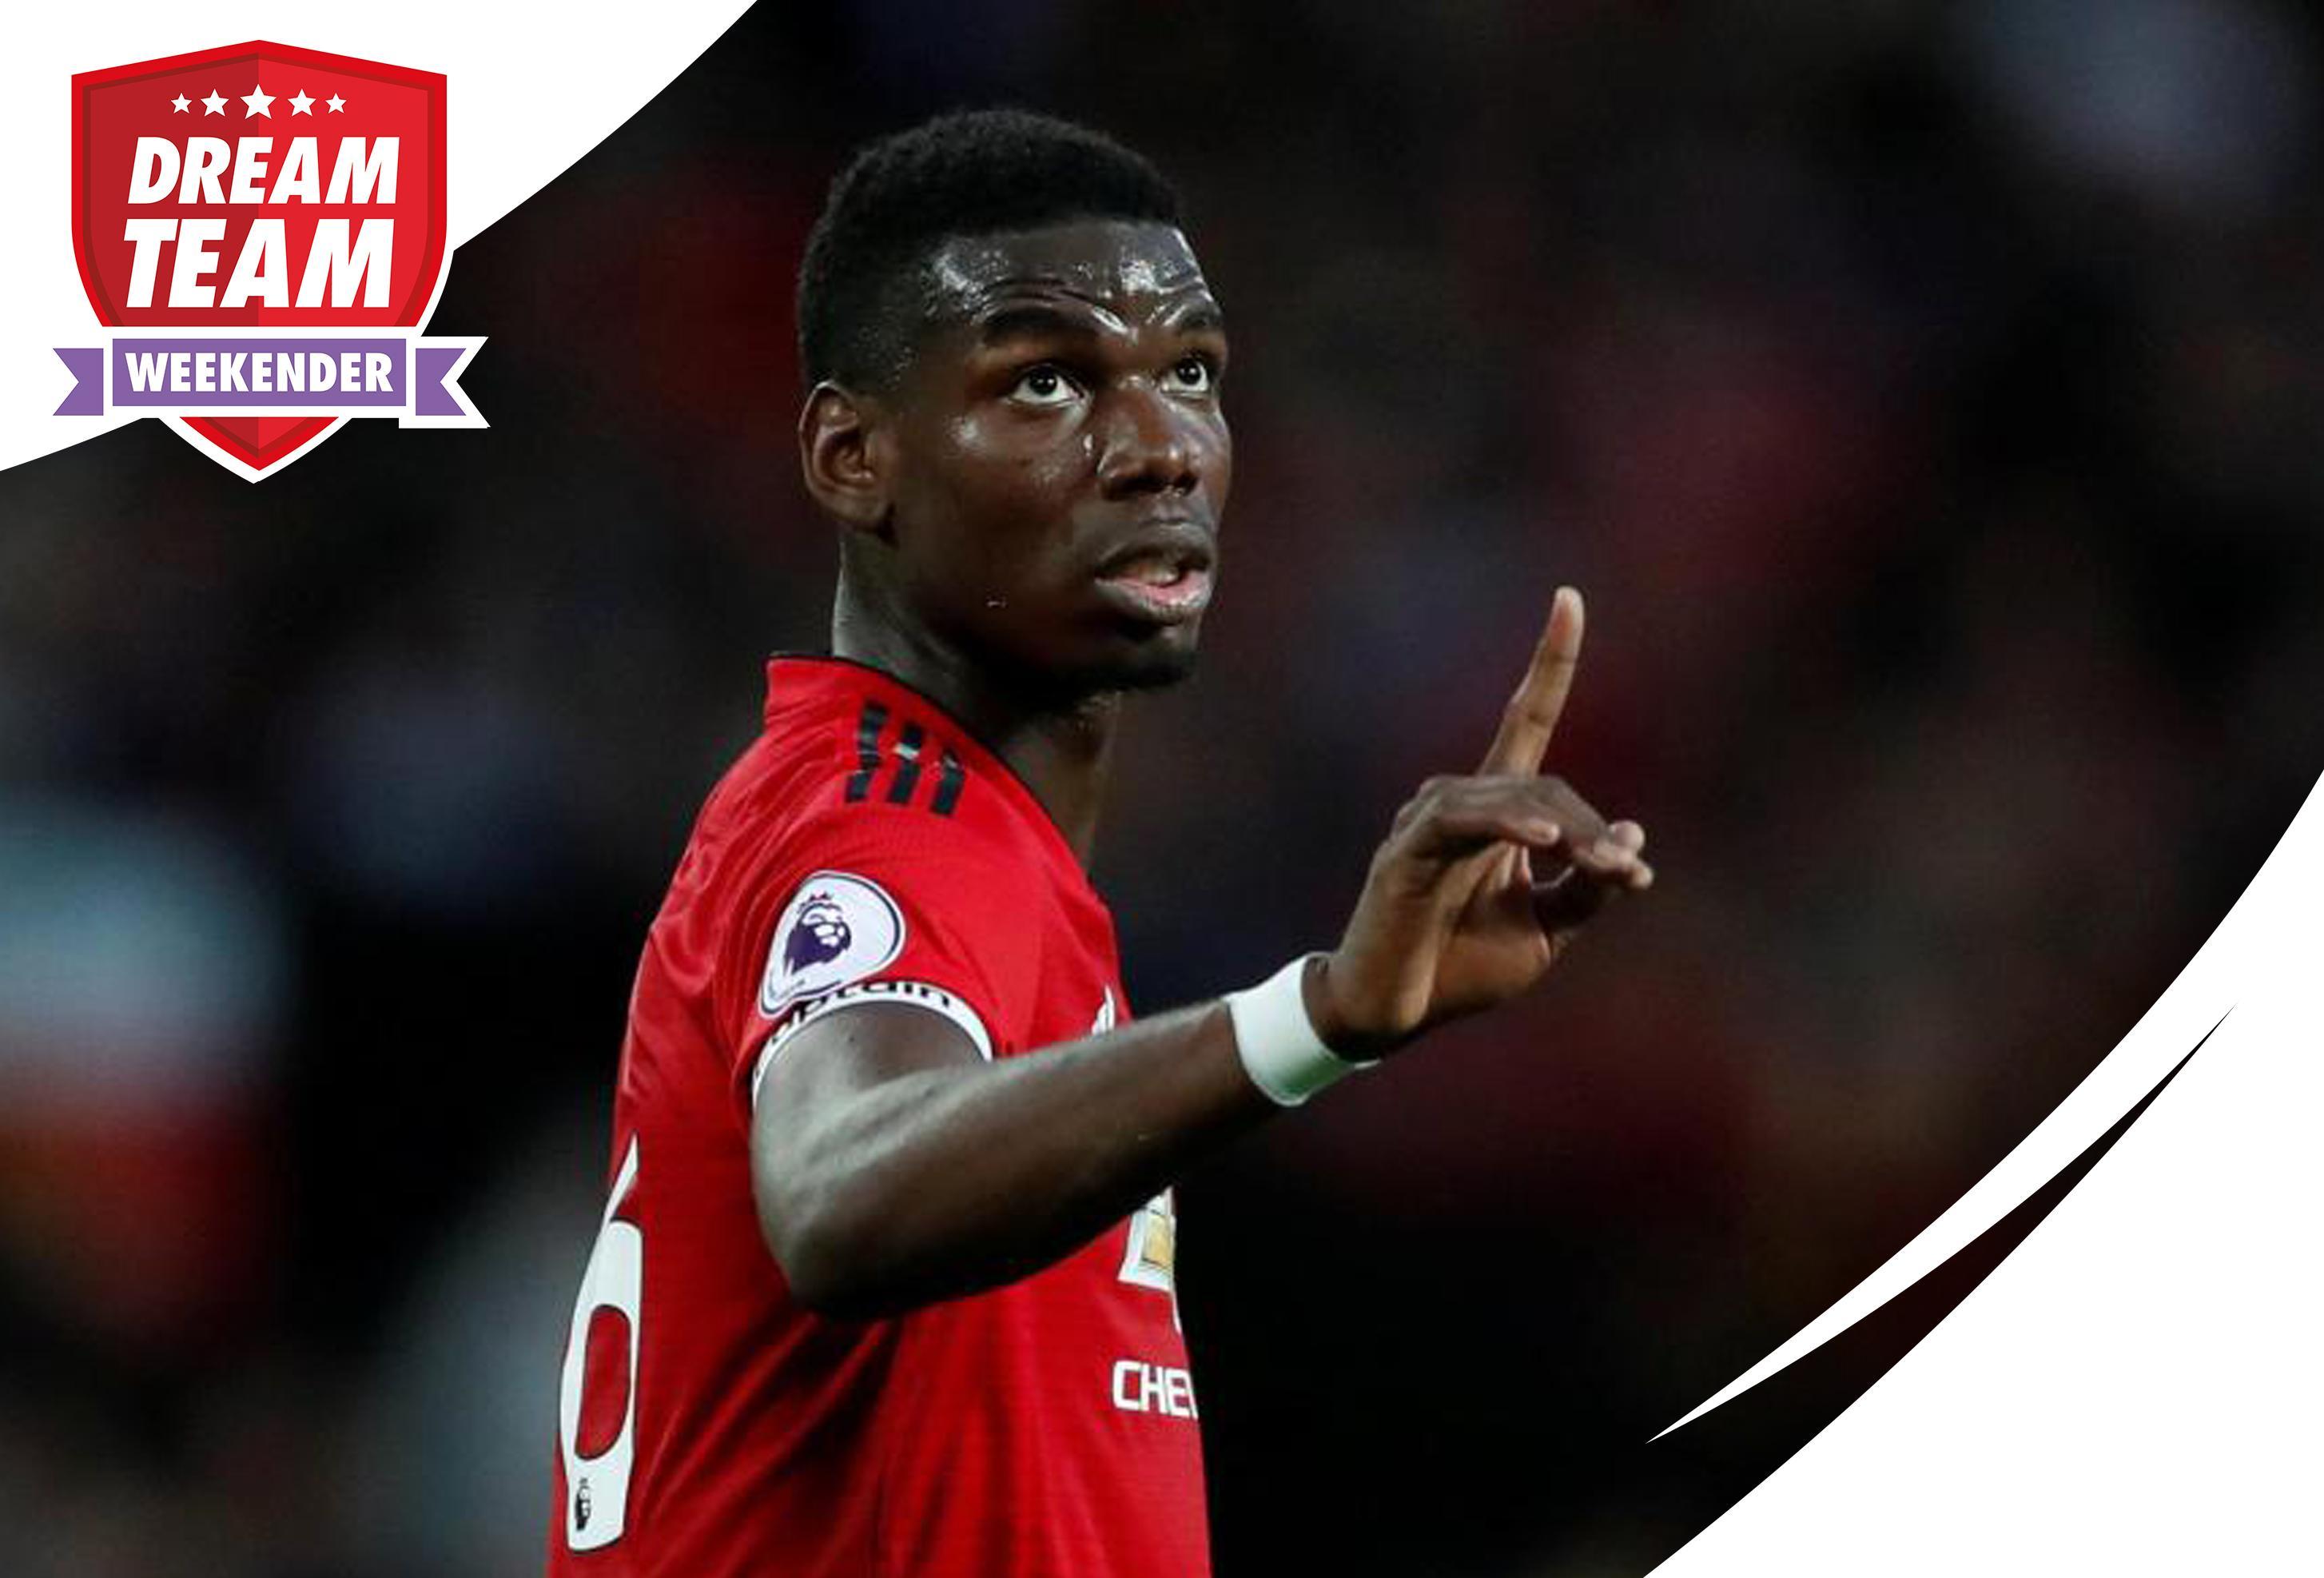 Paul Pogba could be a huge hit in Weekender this season